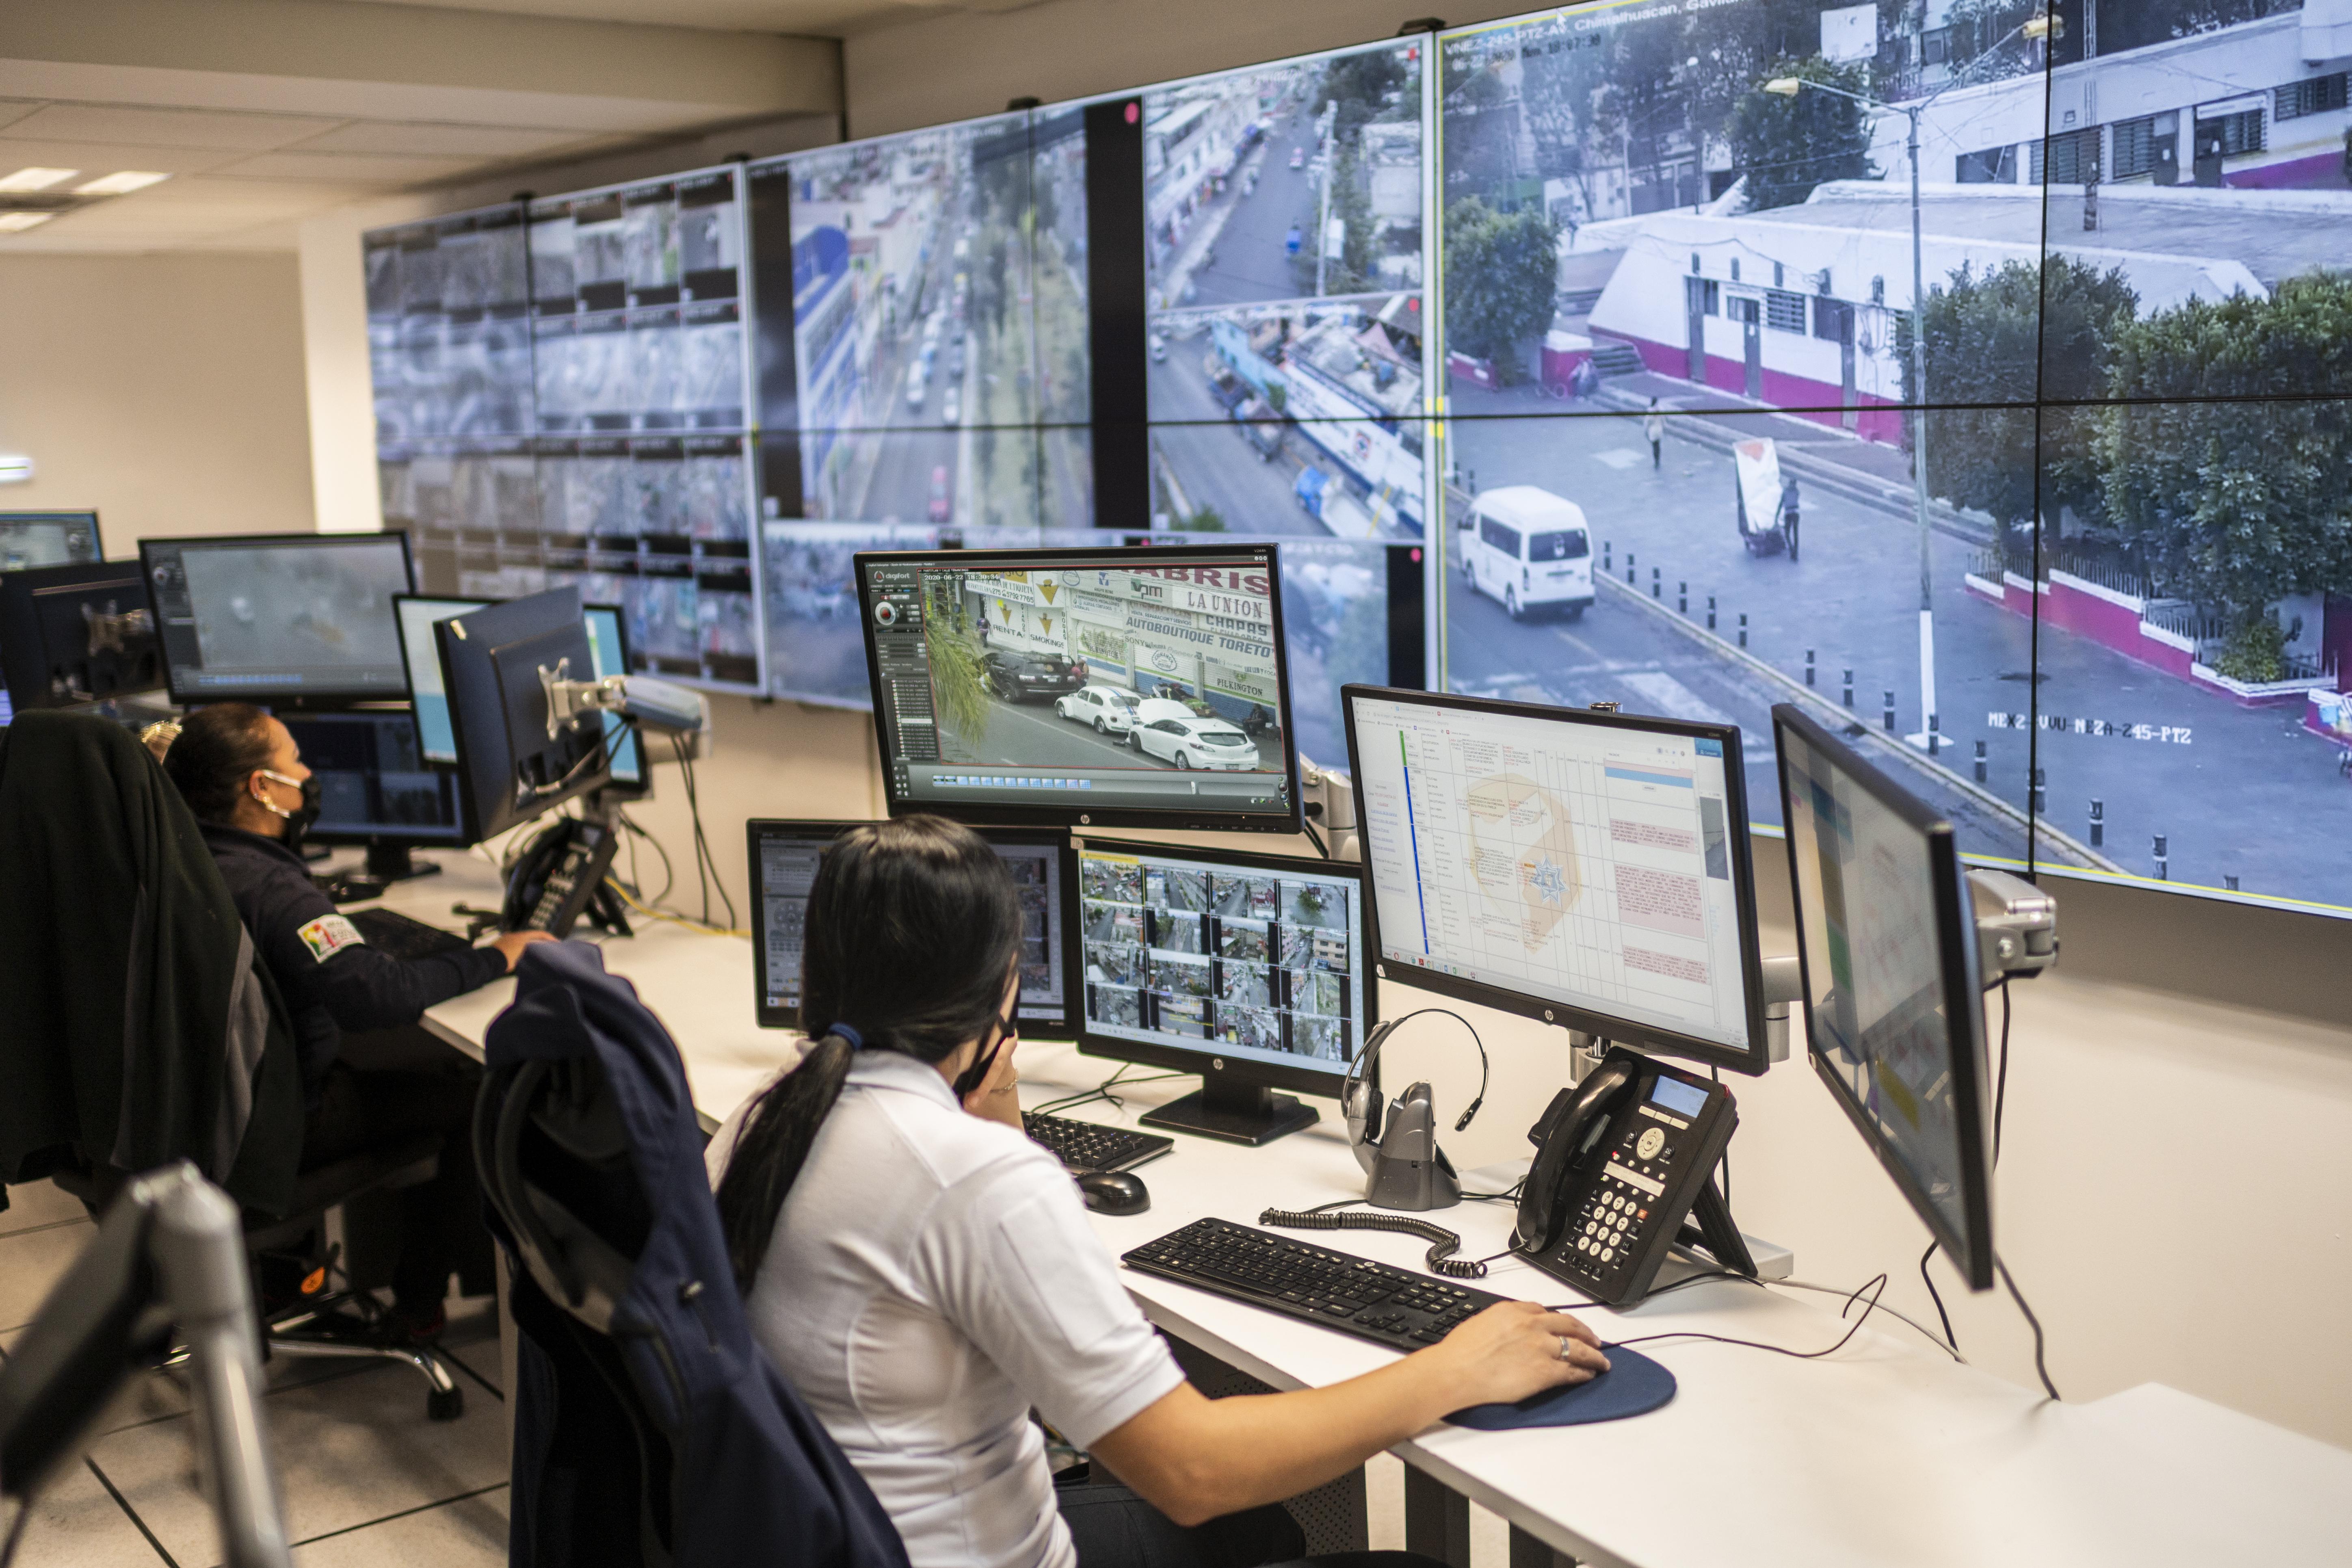 Los trabajadores reciben llamadas de ayuda en las Salas de Control de Seguridad C4, en Ciudad Nezahualcóyotl, Estado de México, México, el 22 de junio de 2020 durante la nueva pandemia de coronavirus de COVID-19. (Foto por Pedro PARDO / AFP)